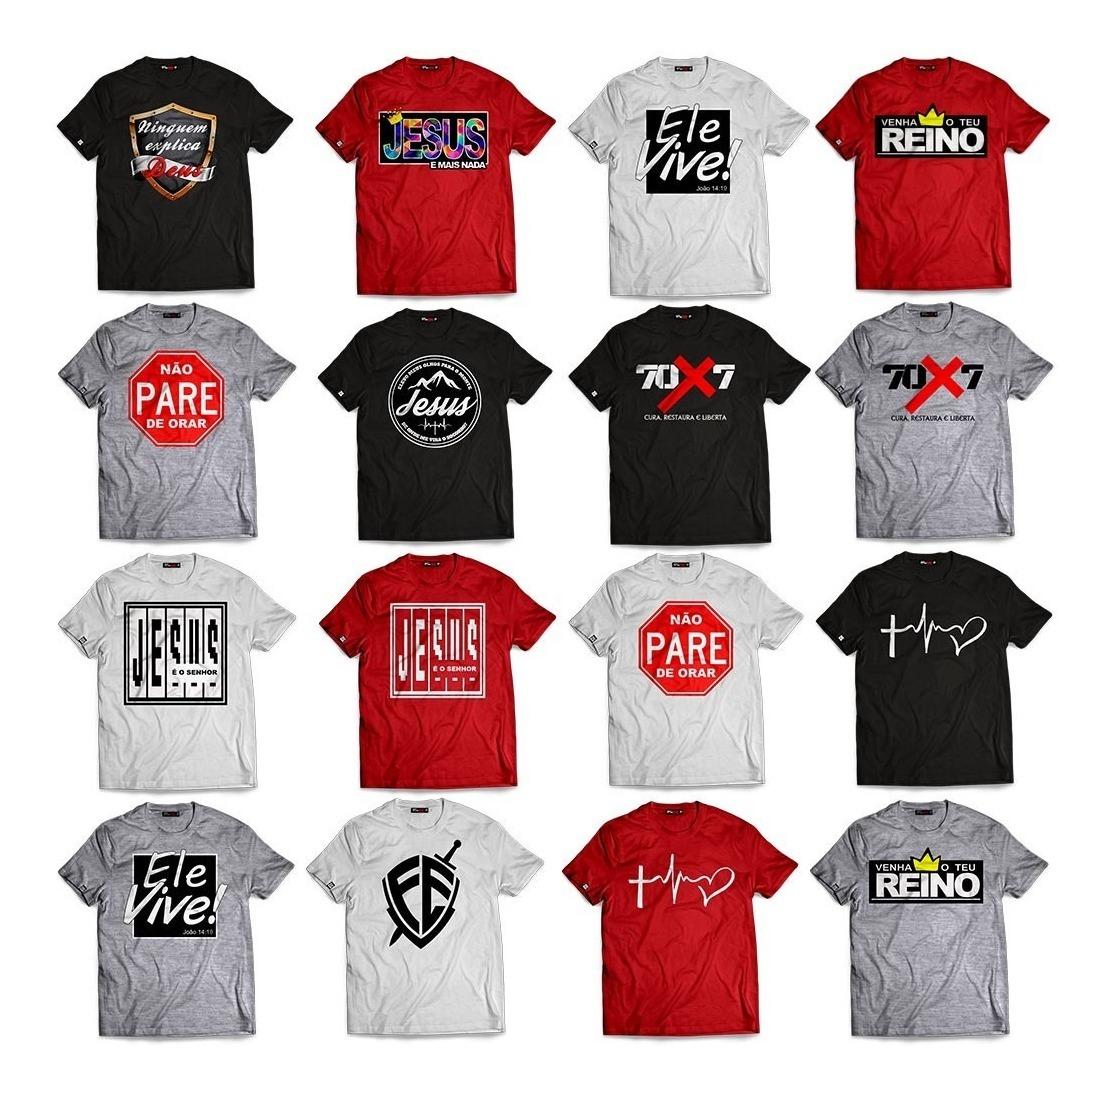 e8c4a423d9202 kit 10 camisetas evangélicas gospel blusas manga curta. Carregando zoom.